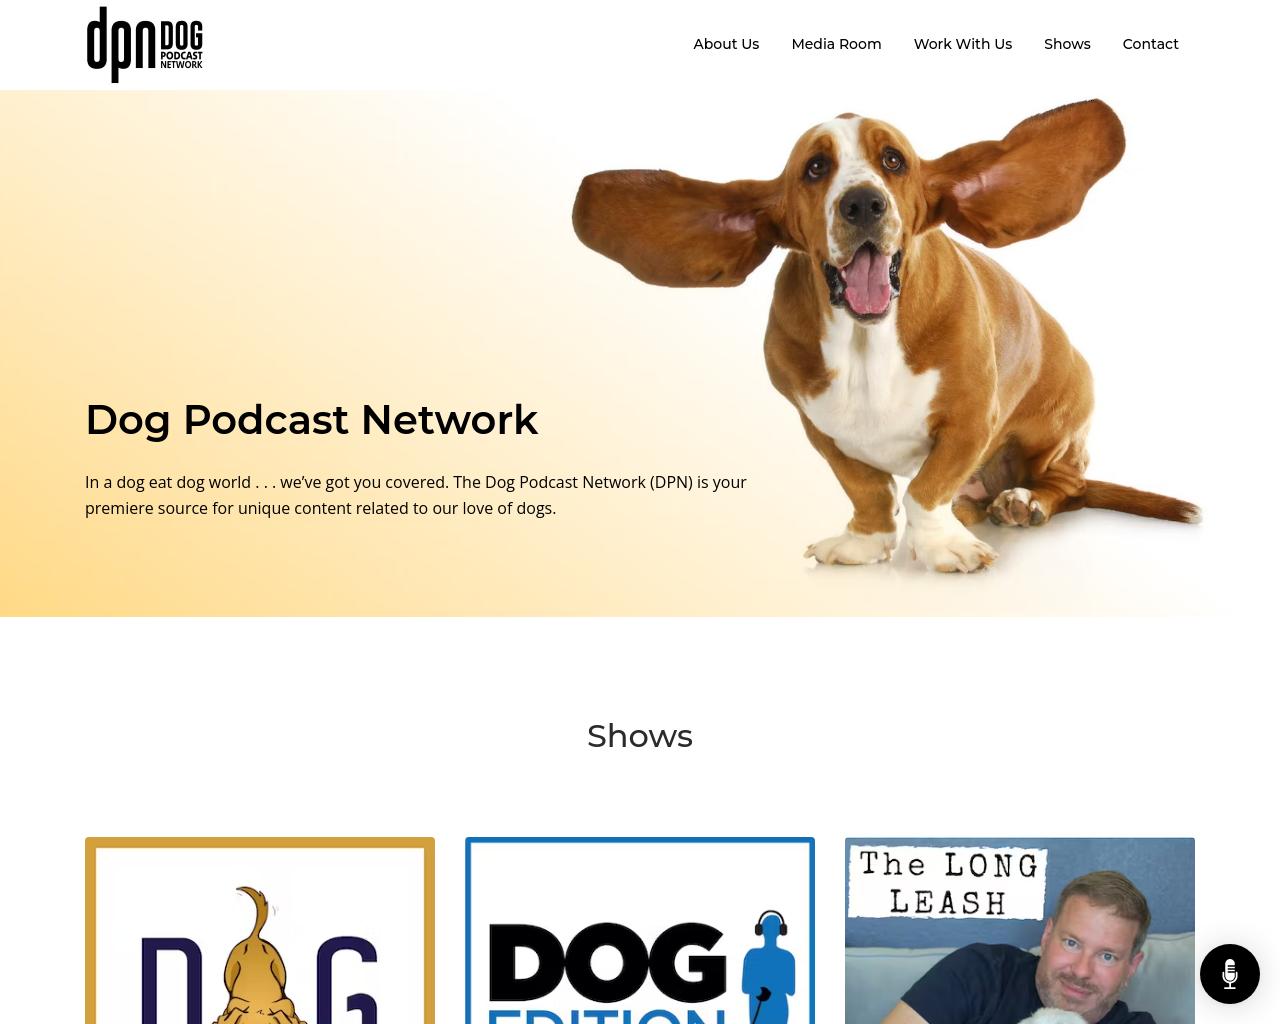 Dog Podcast Network Website